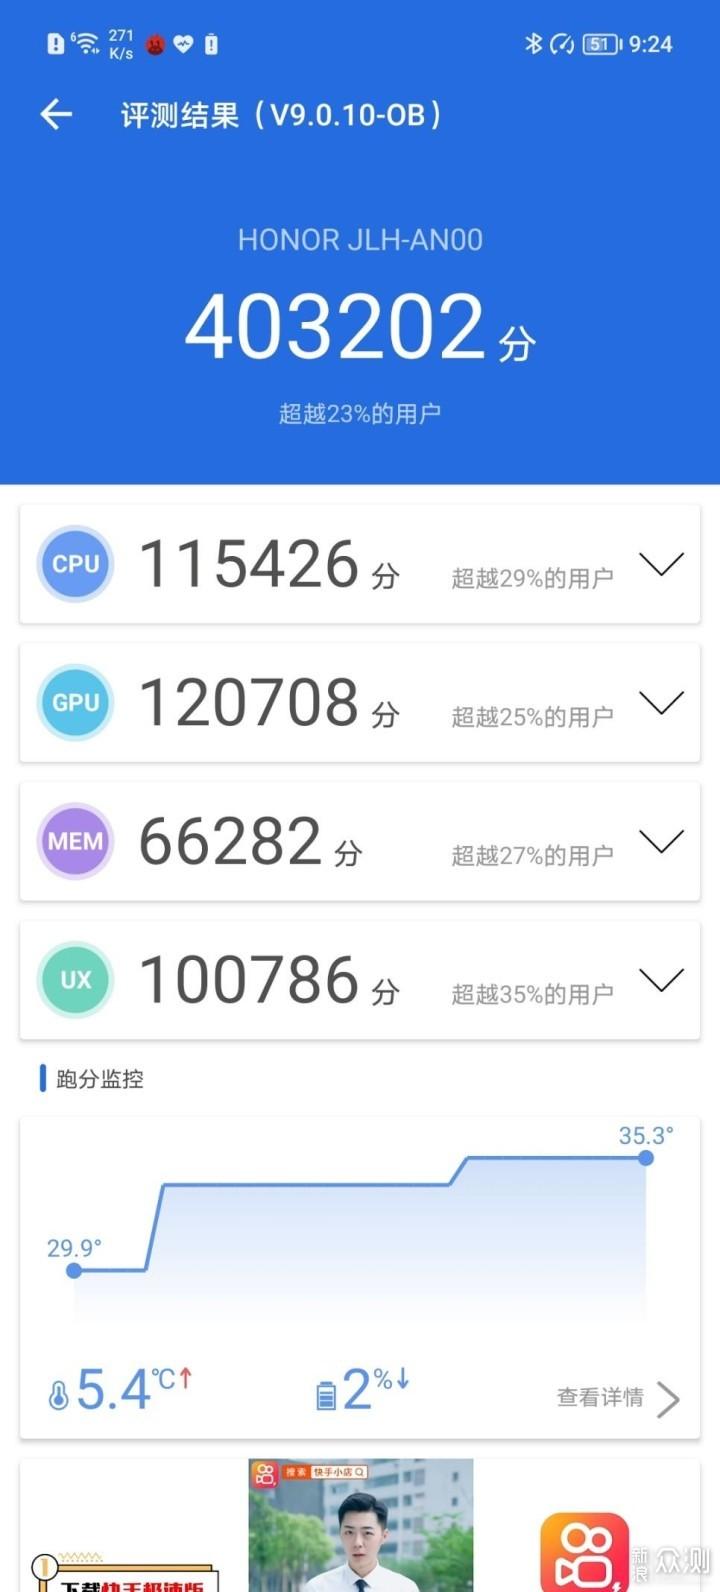 荣耀50 SE评测:亿像素,颜值超过预期手机_新浪众测